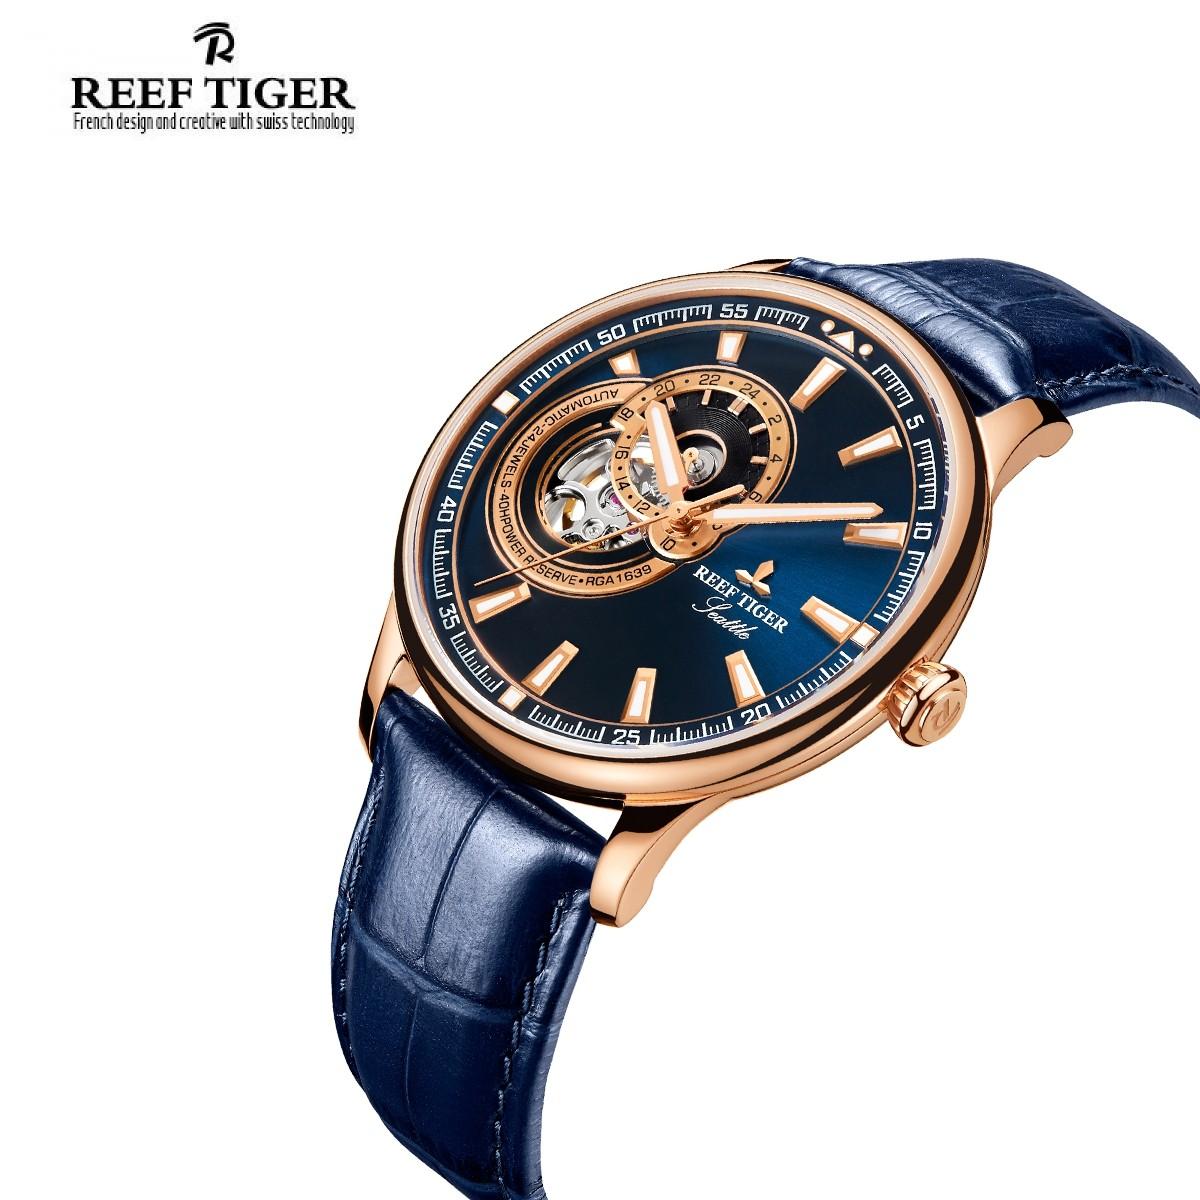 Đồng Hồ Reef Tiger RGA1639-PLL